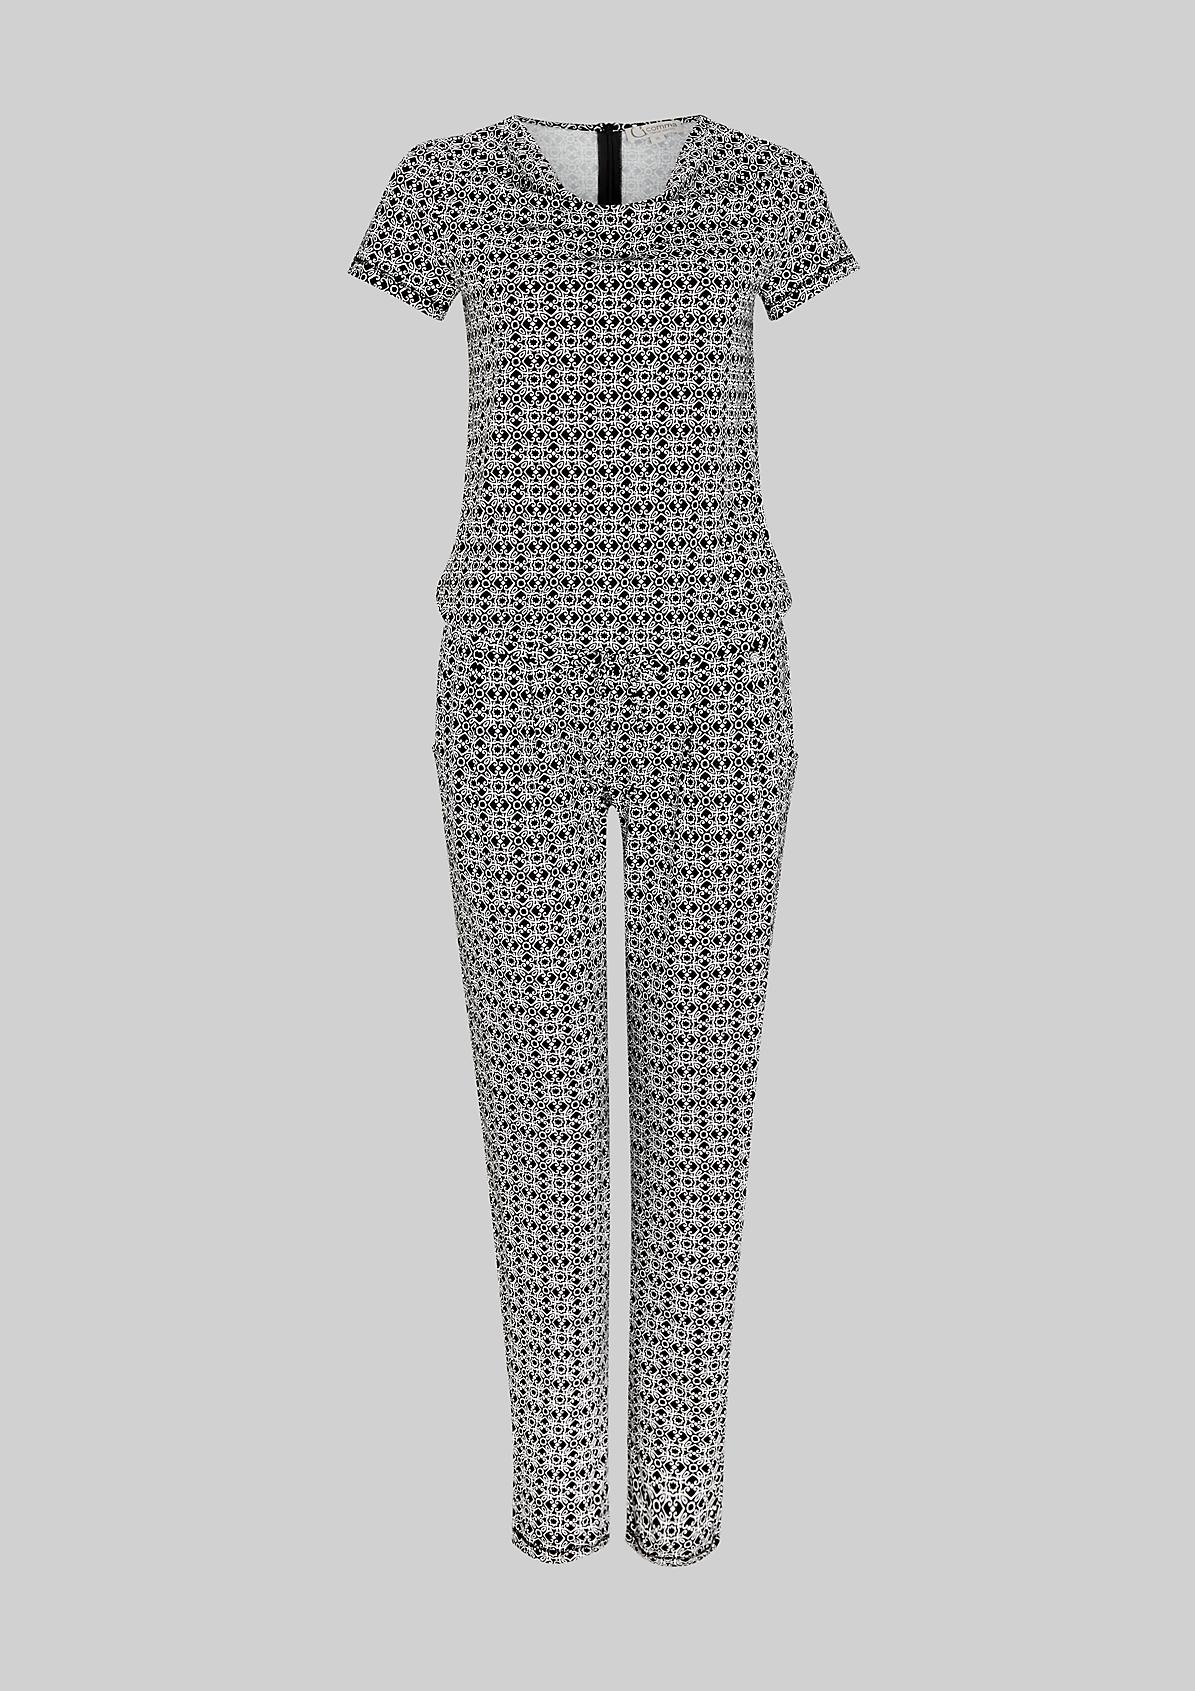 Lässiger Kurzarm-Jumpsuit mit raffiniertem Ornamentik-Allovermuster